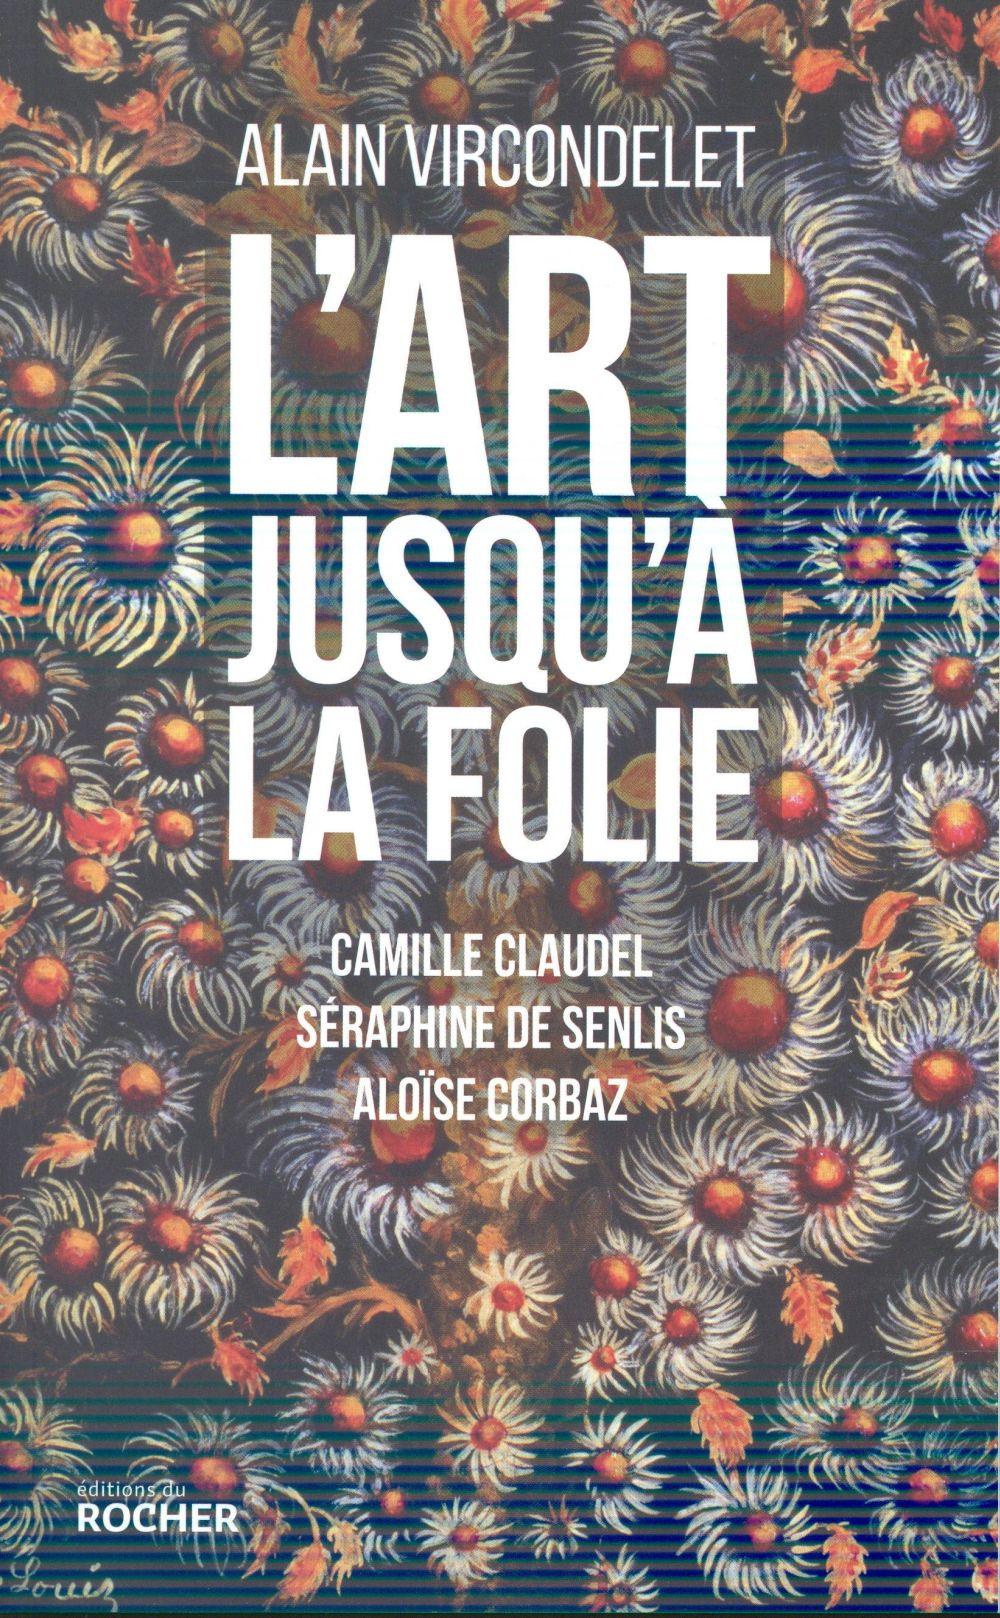 L'ART JUSQU'A LA FOLIE